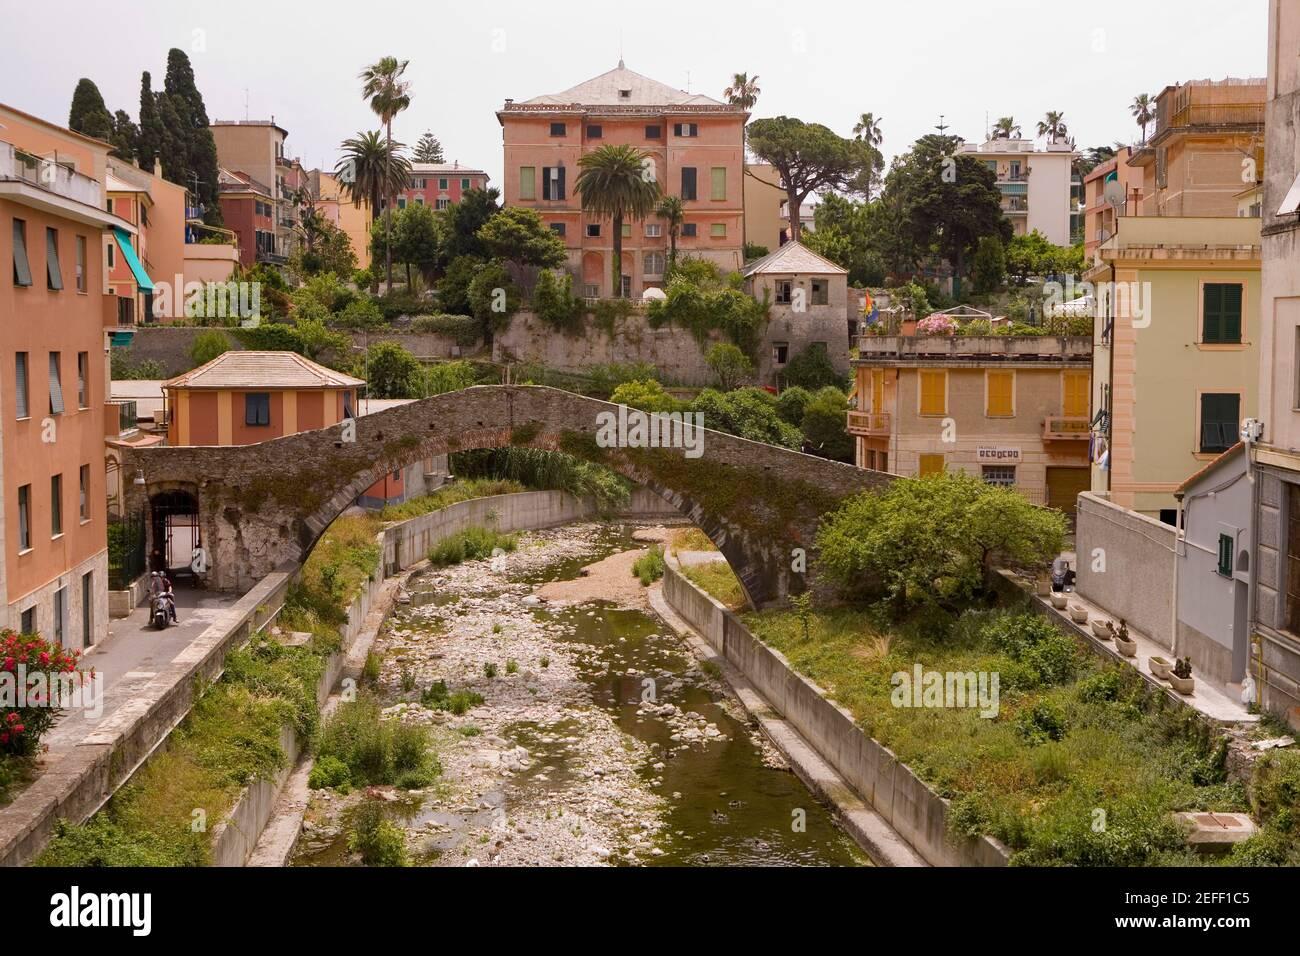 Puente arco cerca de edificios, provincia de Génova, Liguria, Italia Foto de stock